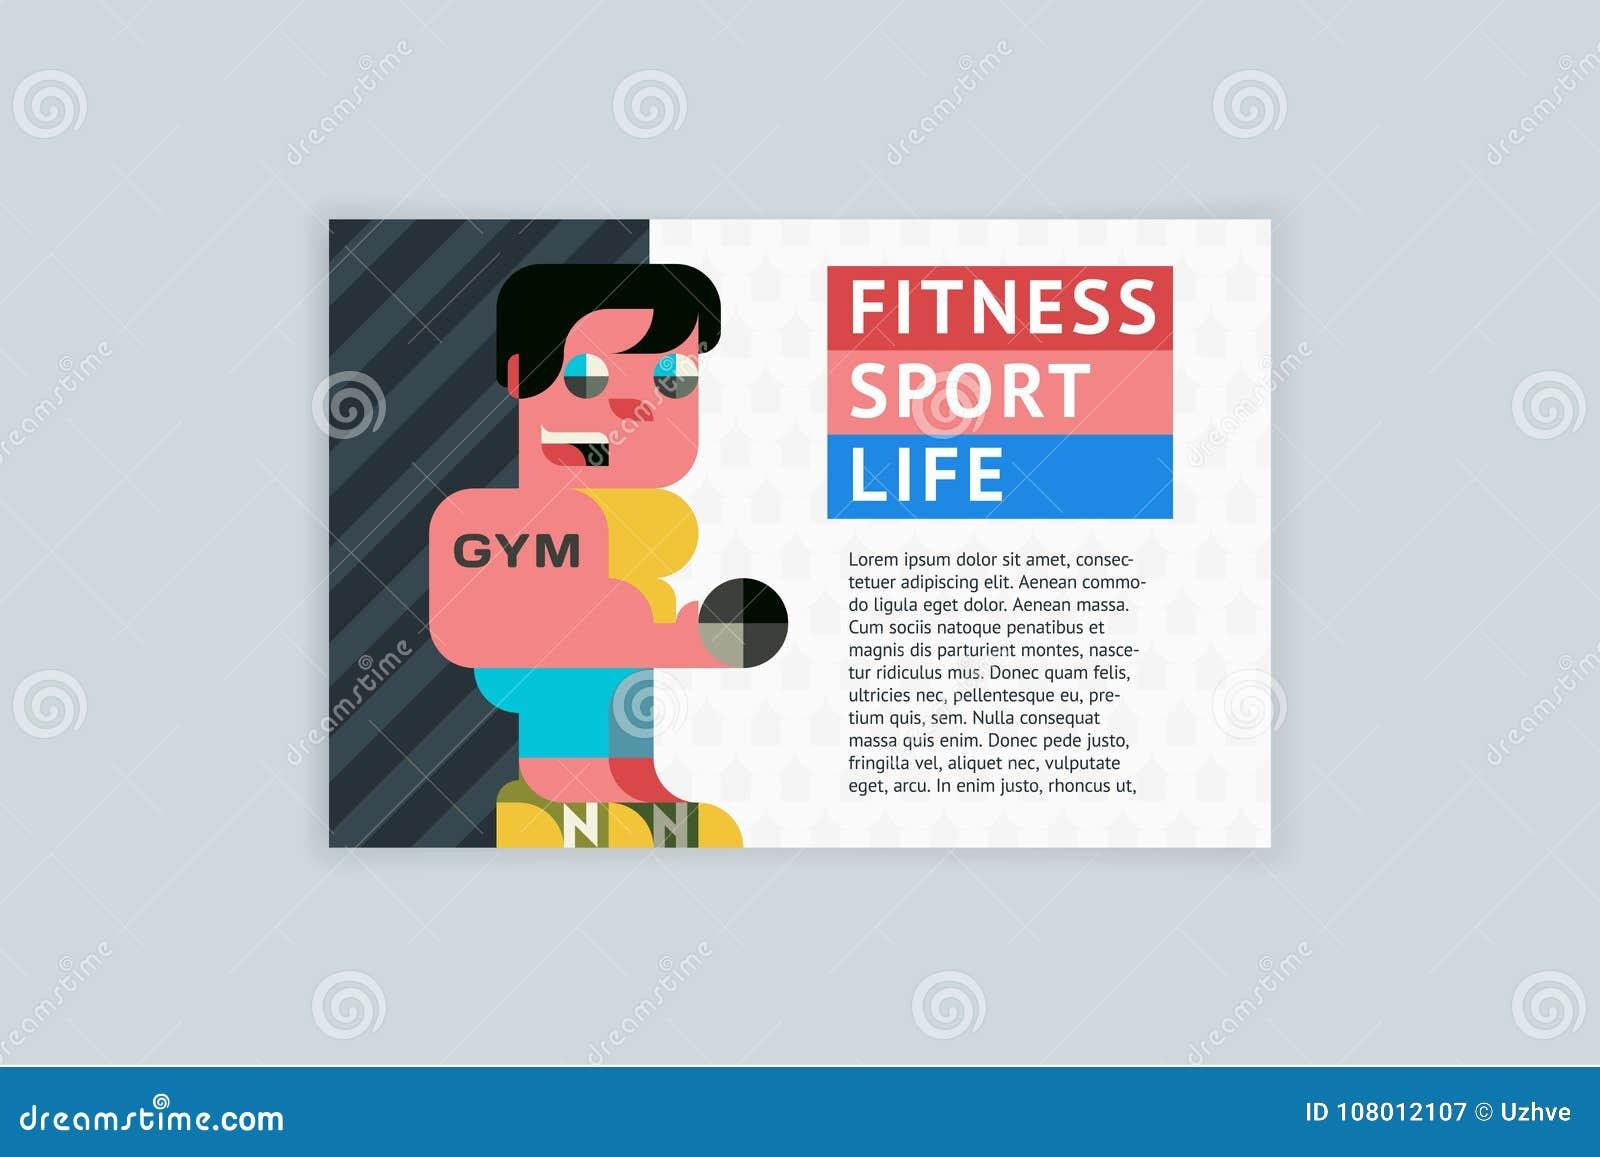 Вектор шаблона A4 горизонтальный для рогулек, крышек, плакатов Фитнес, спорт, жизнь